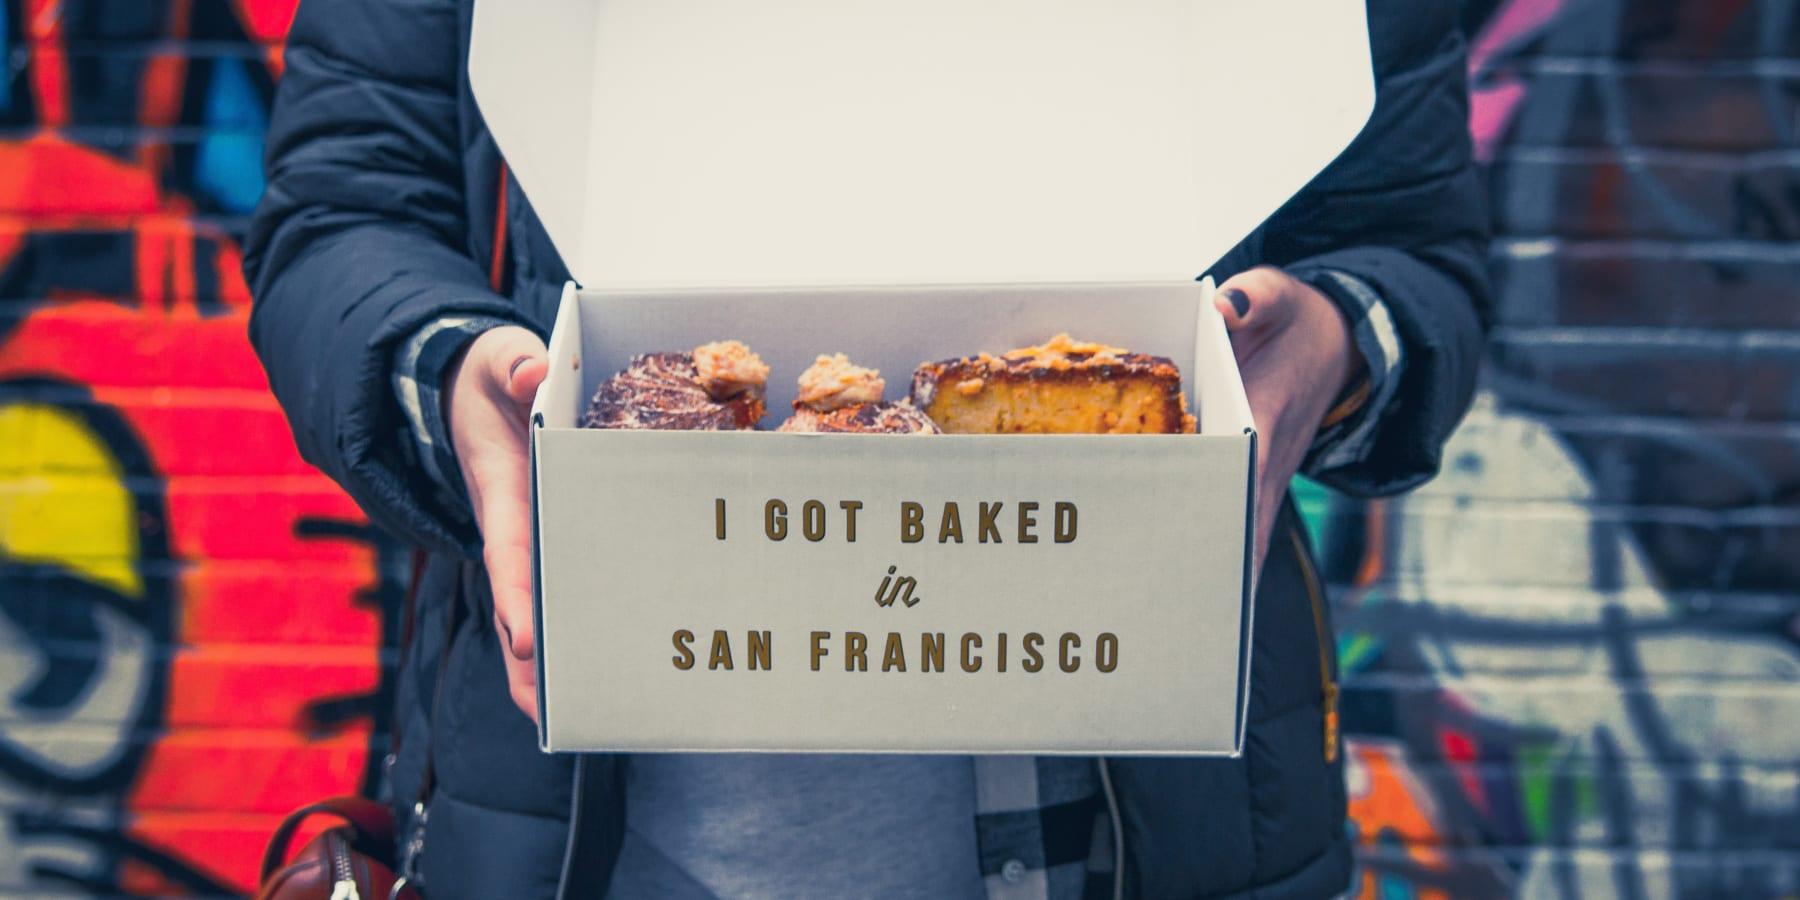 パンを売るかわりに、パン作りキットを宅配。米人気ベーカリーの業態転換